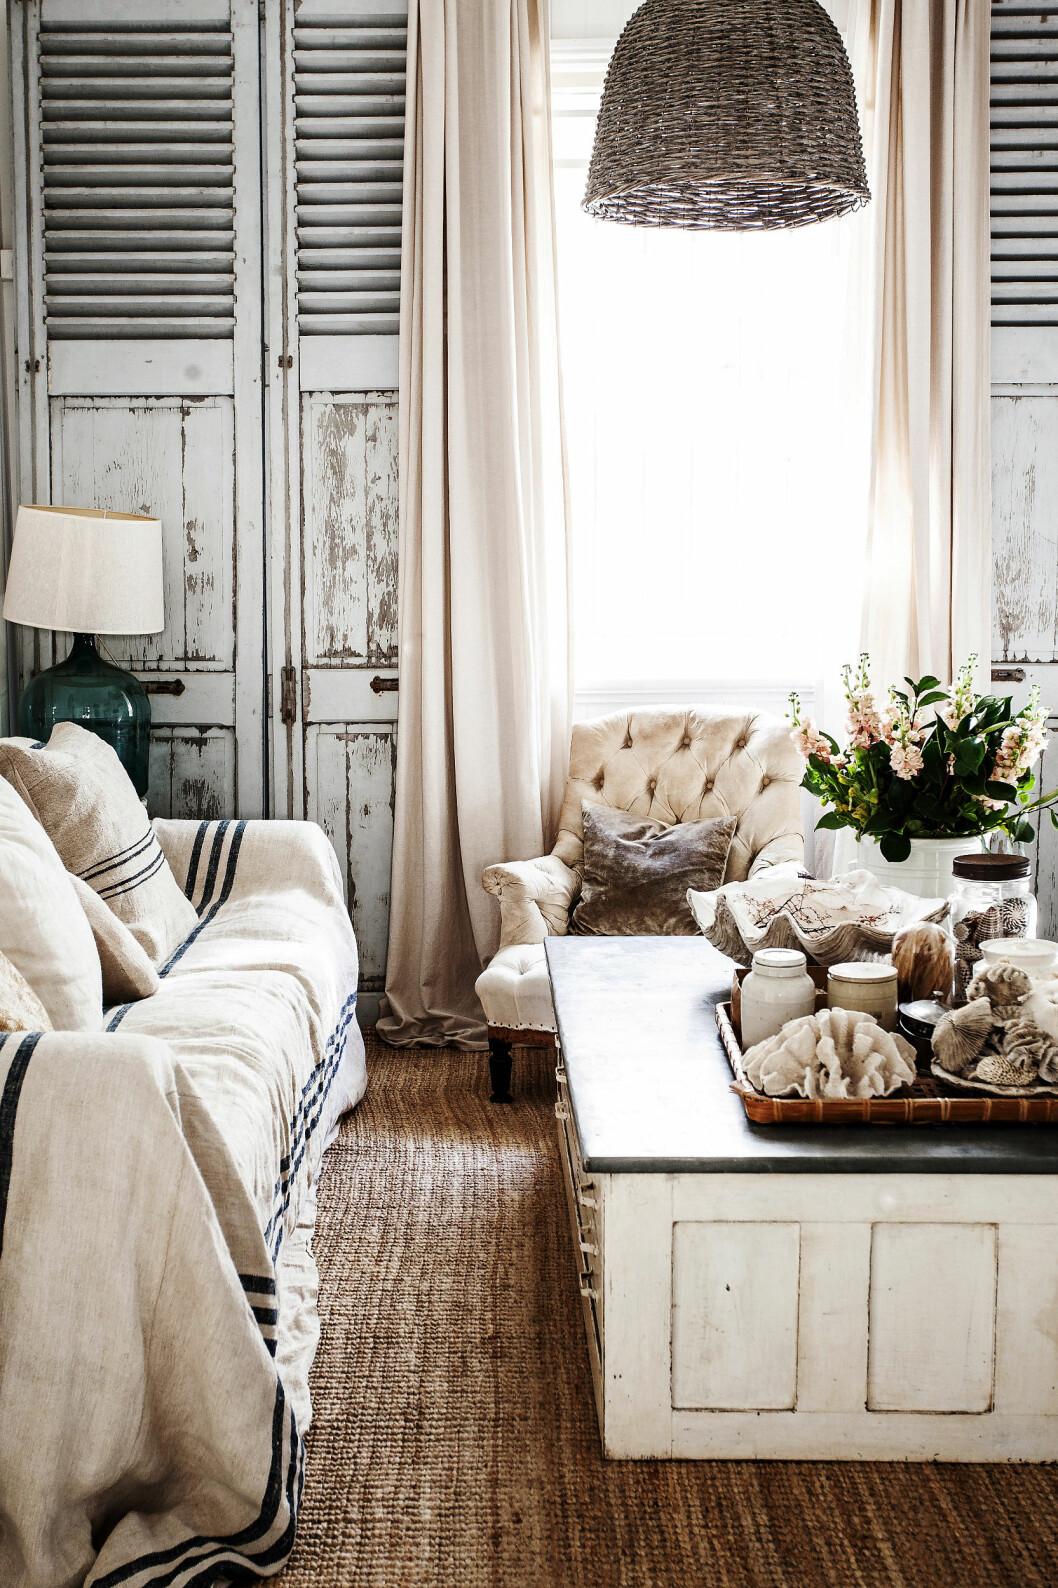 STUA: Vinduene i stuen kan lukkes med gamle vindusskodder. Sammen med en gammel, søt lenestol og et gammelt arkivskap som fungerer som sofabord, gjør de stuen helt særegen. Dekorasjonen består av skjell og koraller.  Foto: Kara Rosenlund